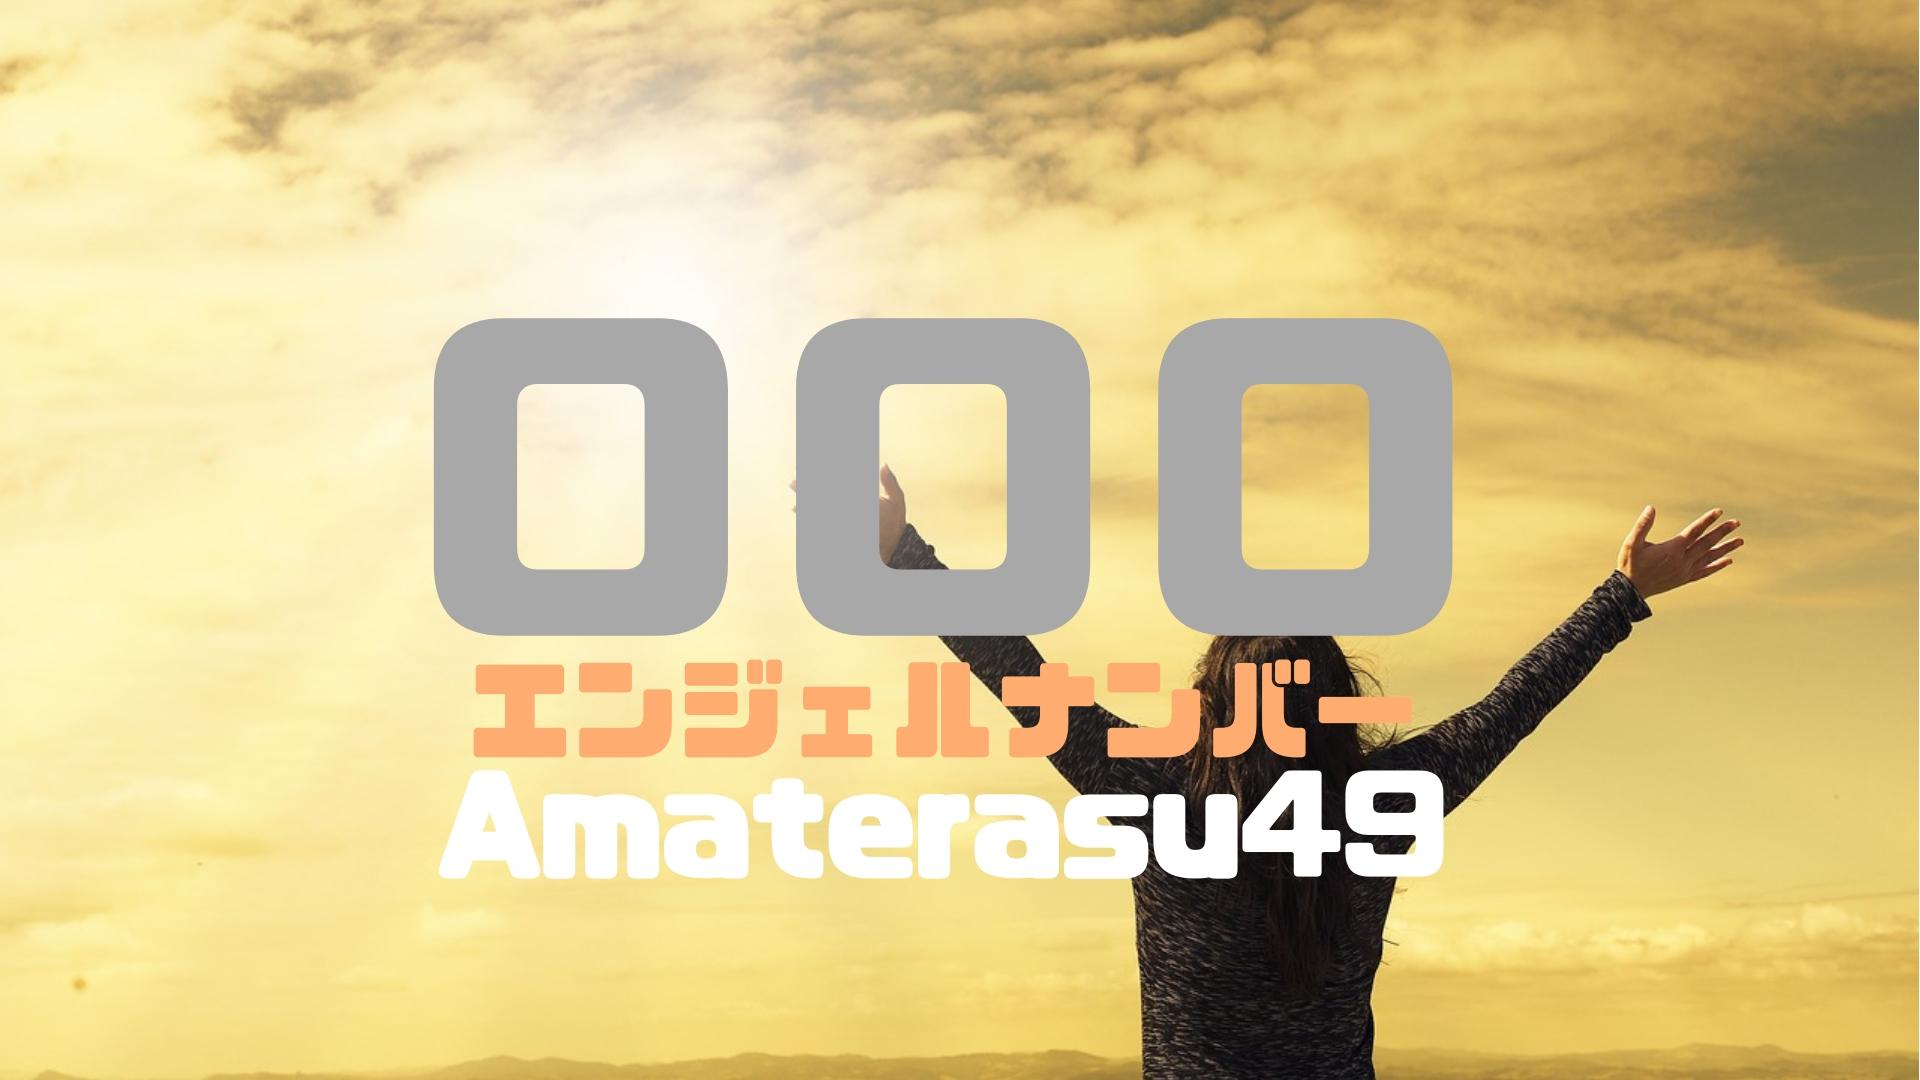 エンジェルナンバー【000】の意味とは?恋愛、復縁、仕事等に関しての天使からのメッセージを紹介!